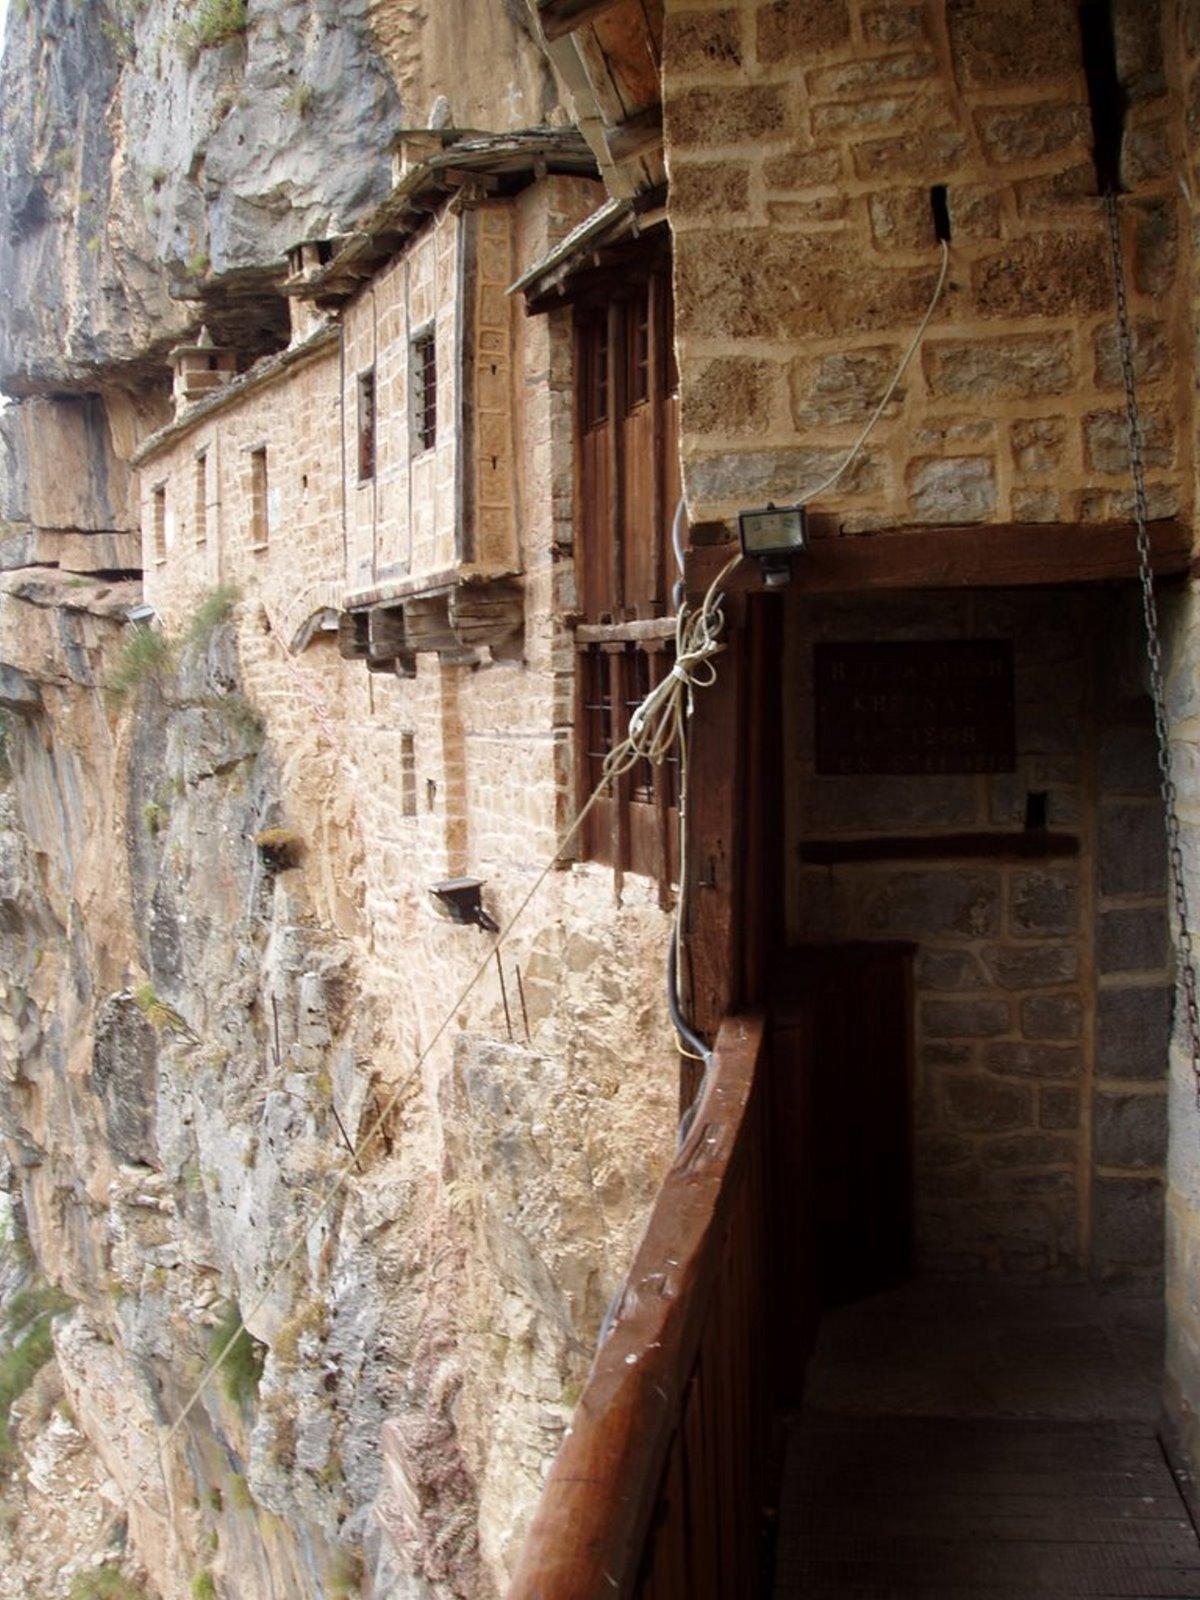 μοναστήρι βράχων στα Τζουμέρκα